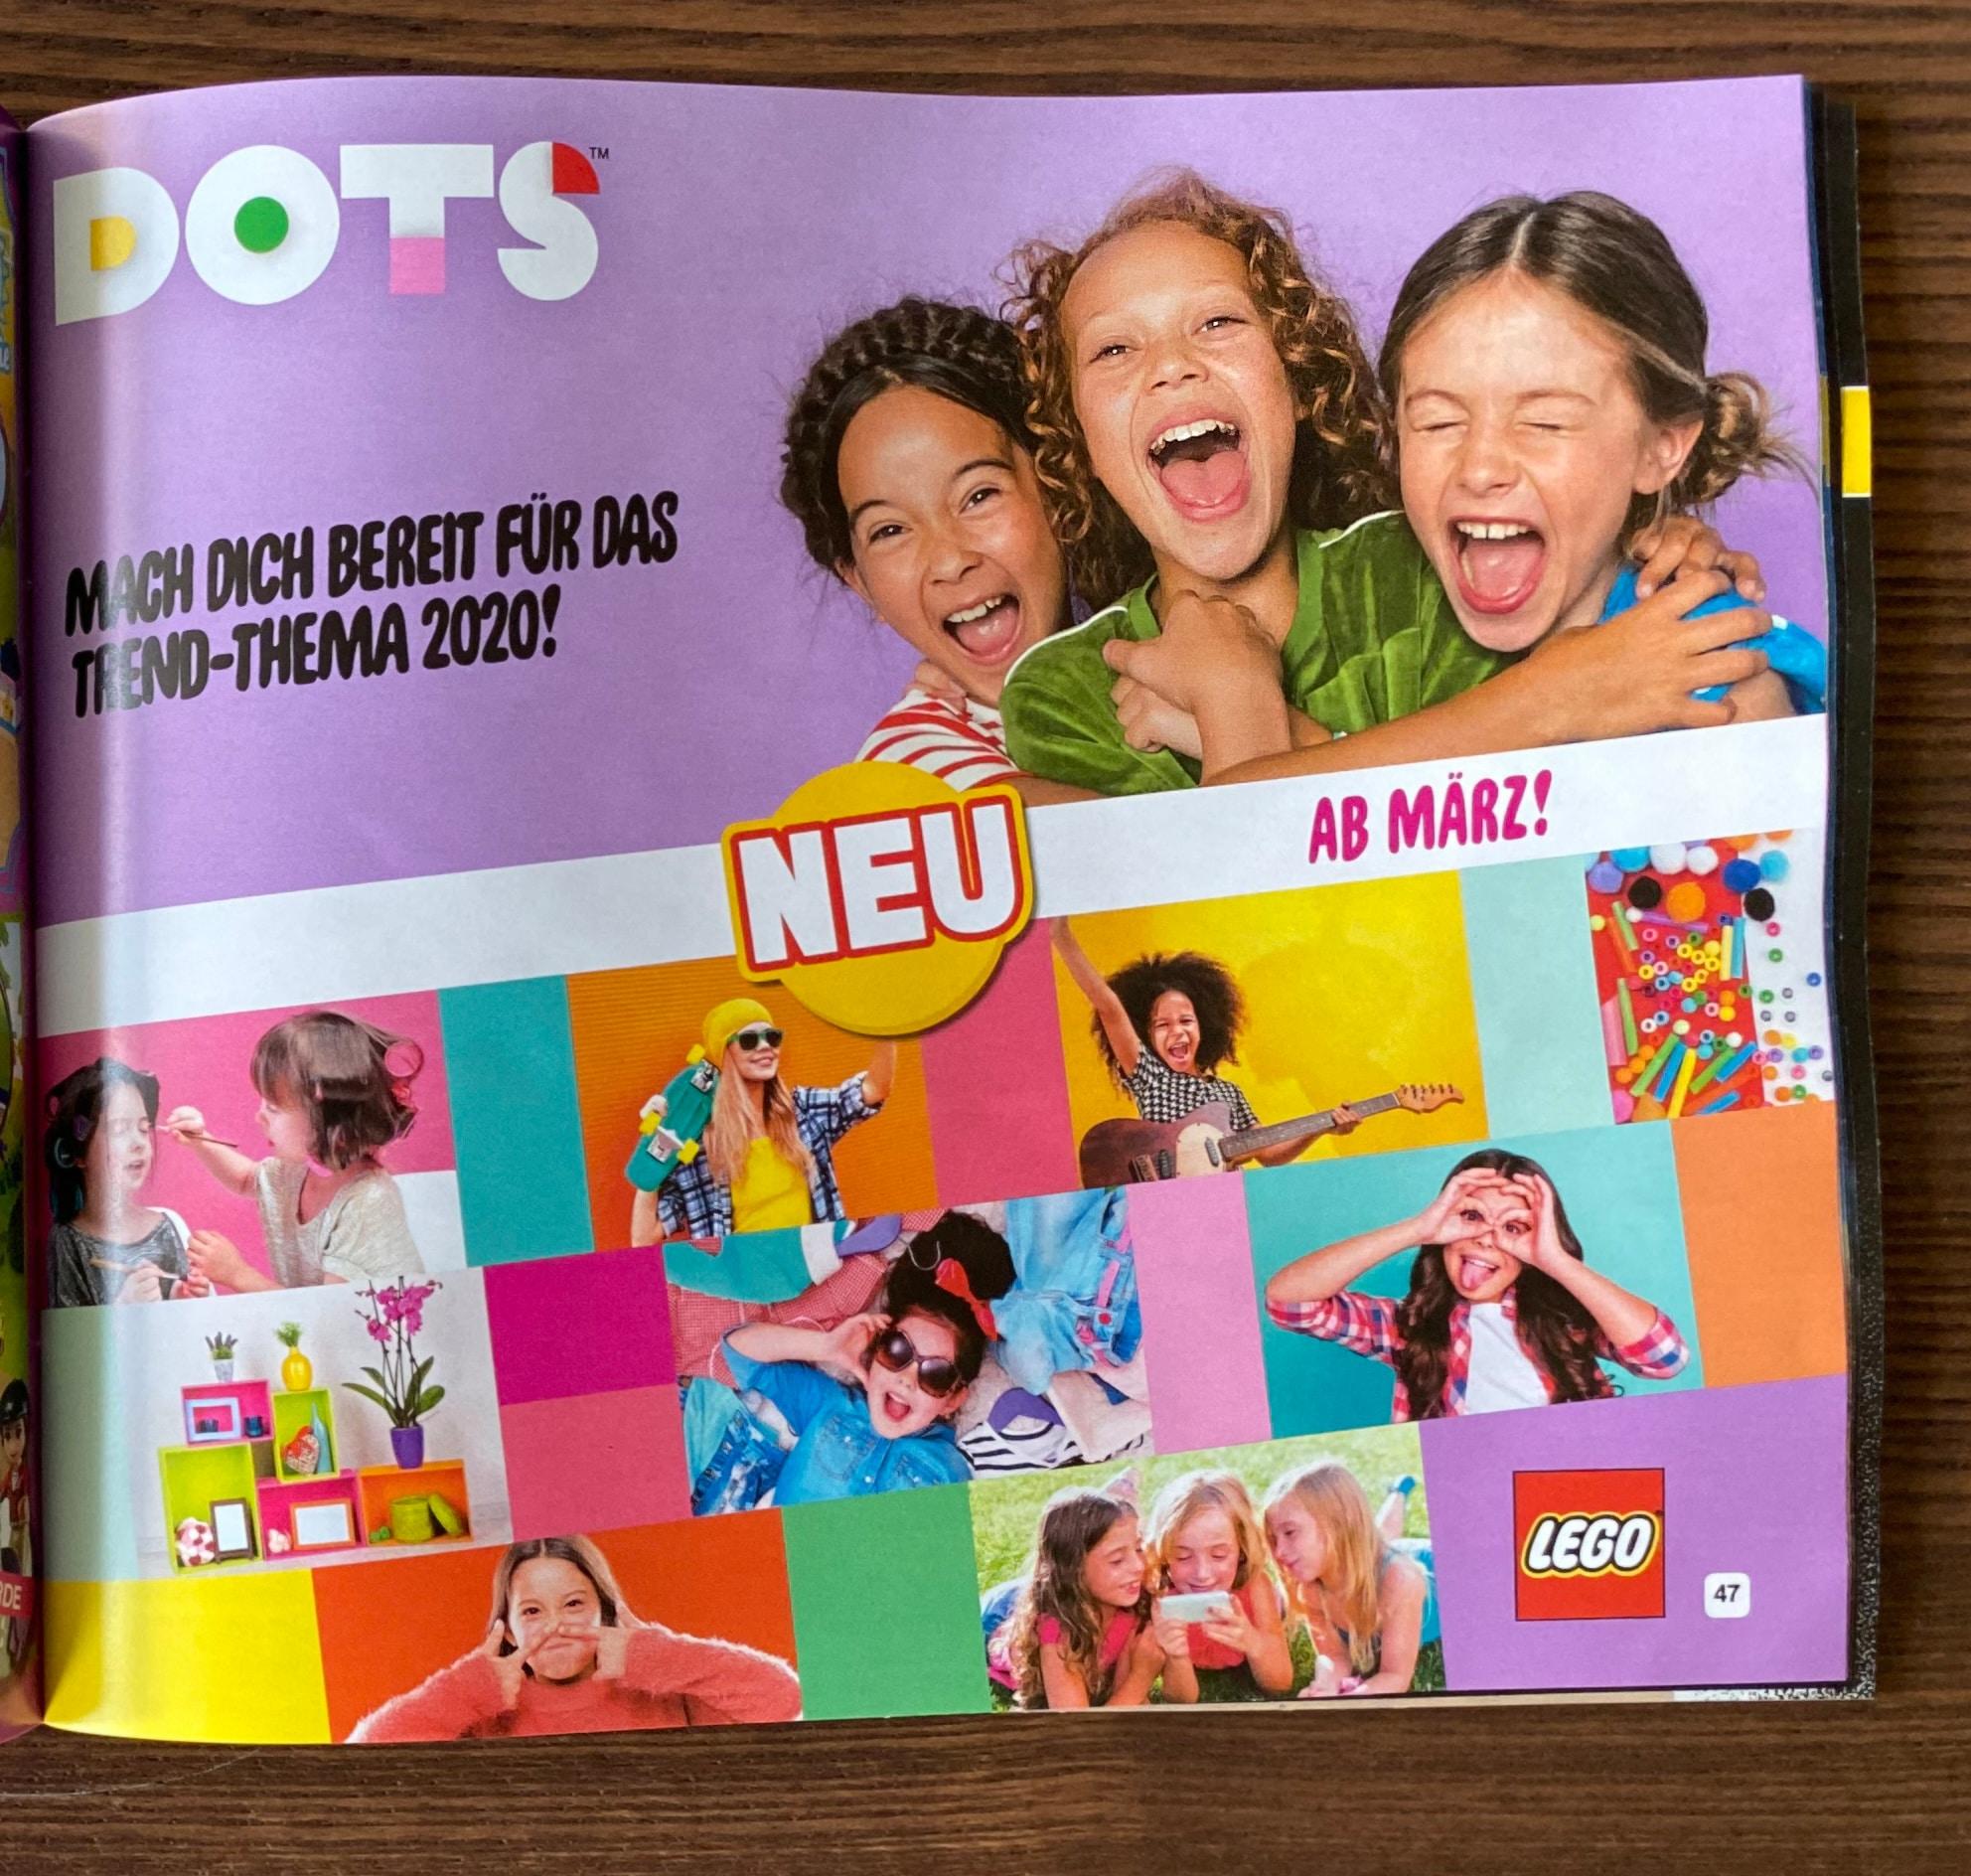 LEGO Dots Schmuck 2020